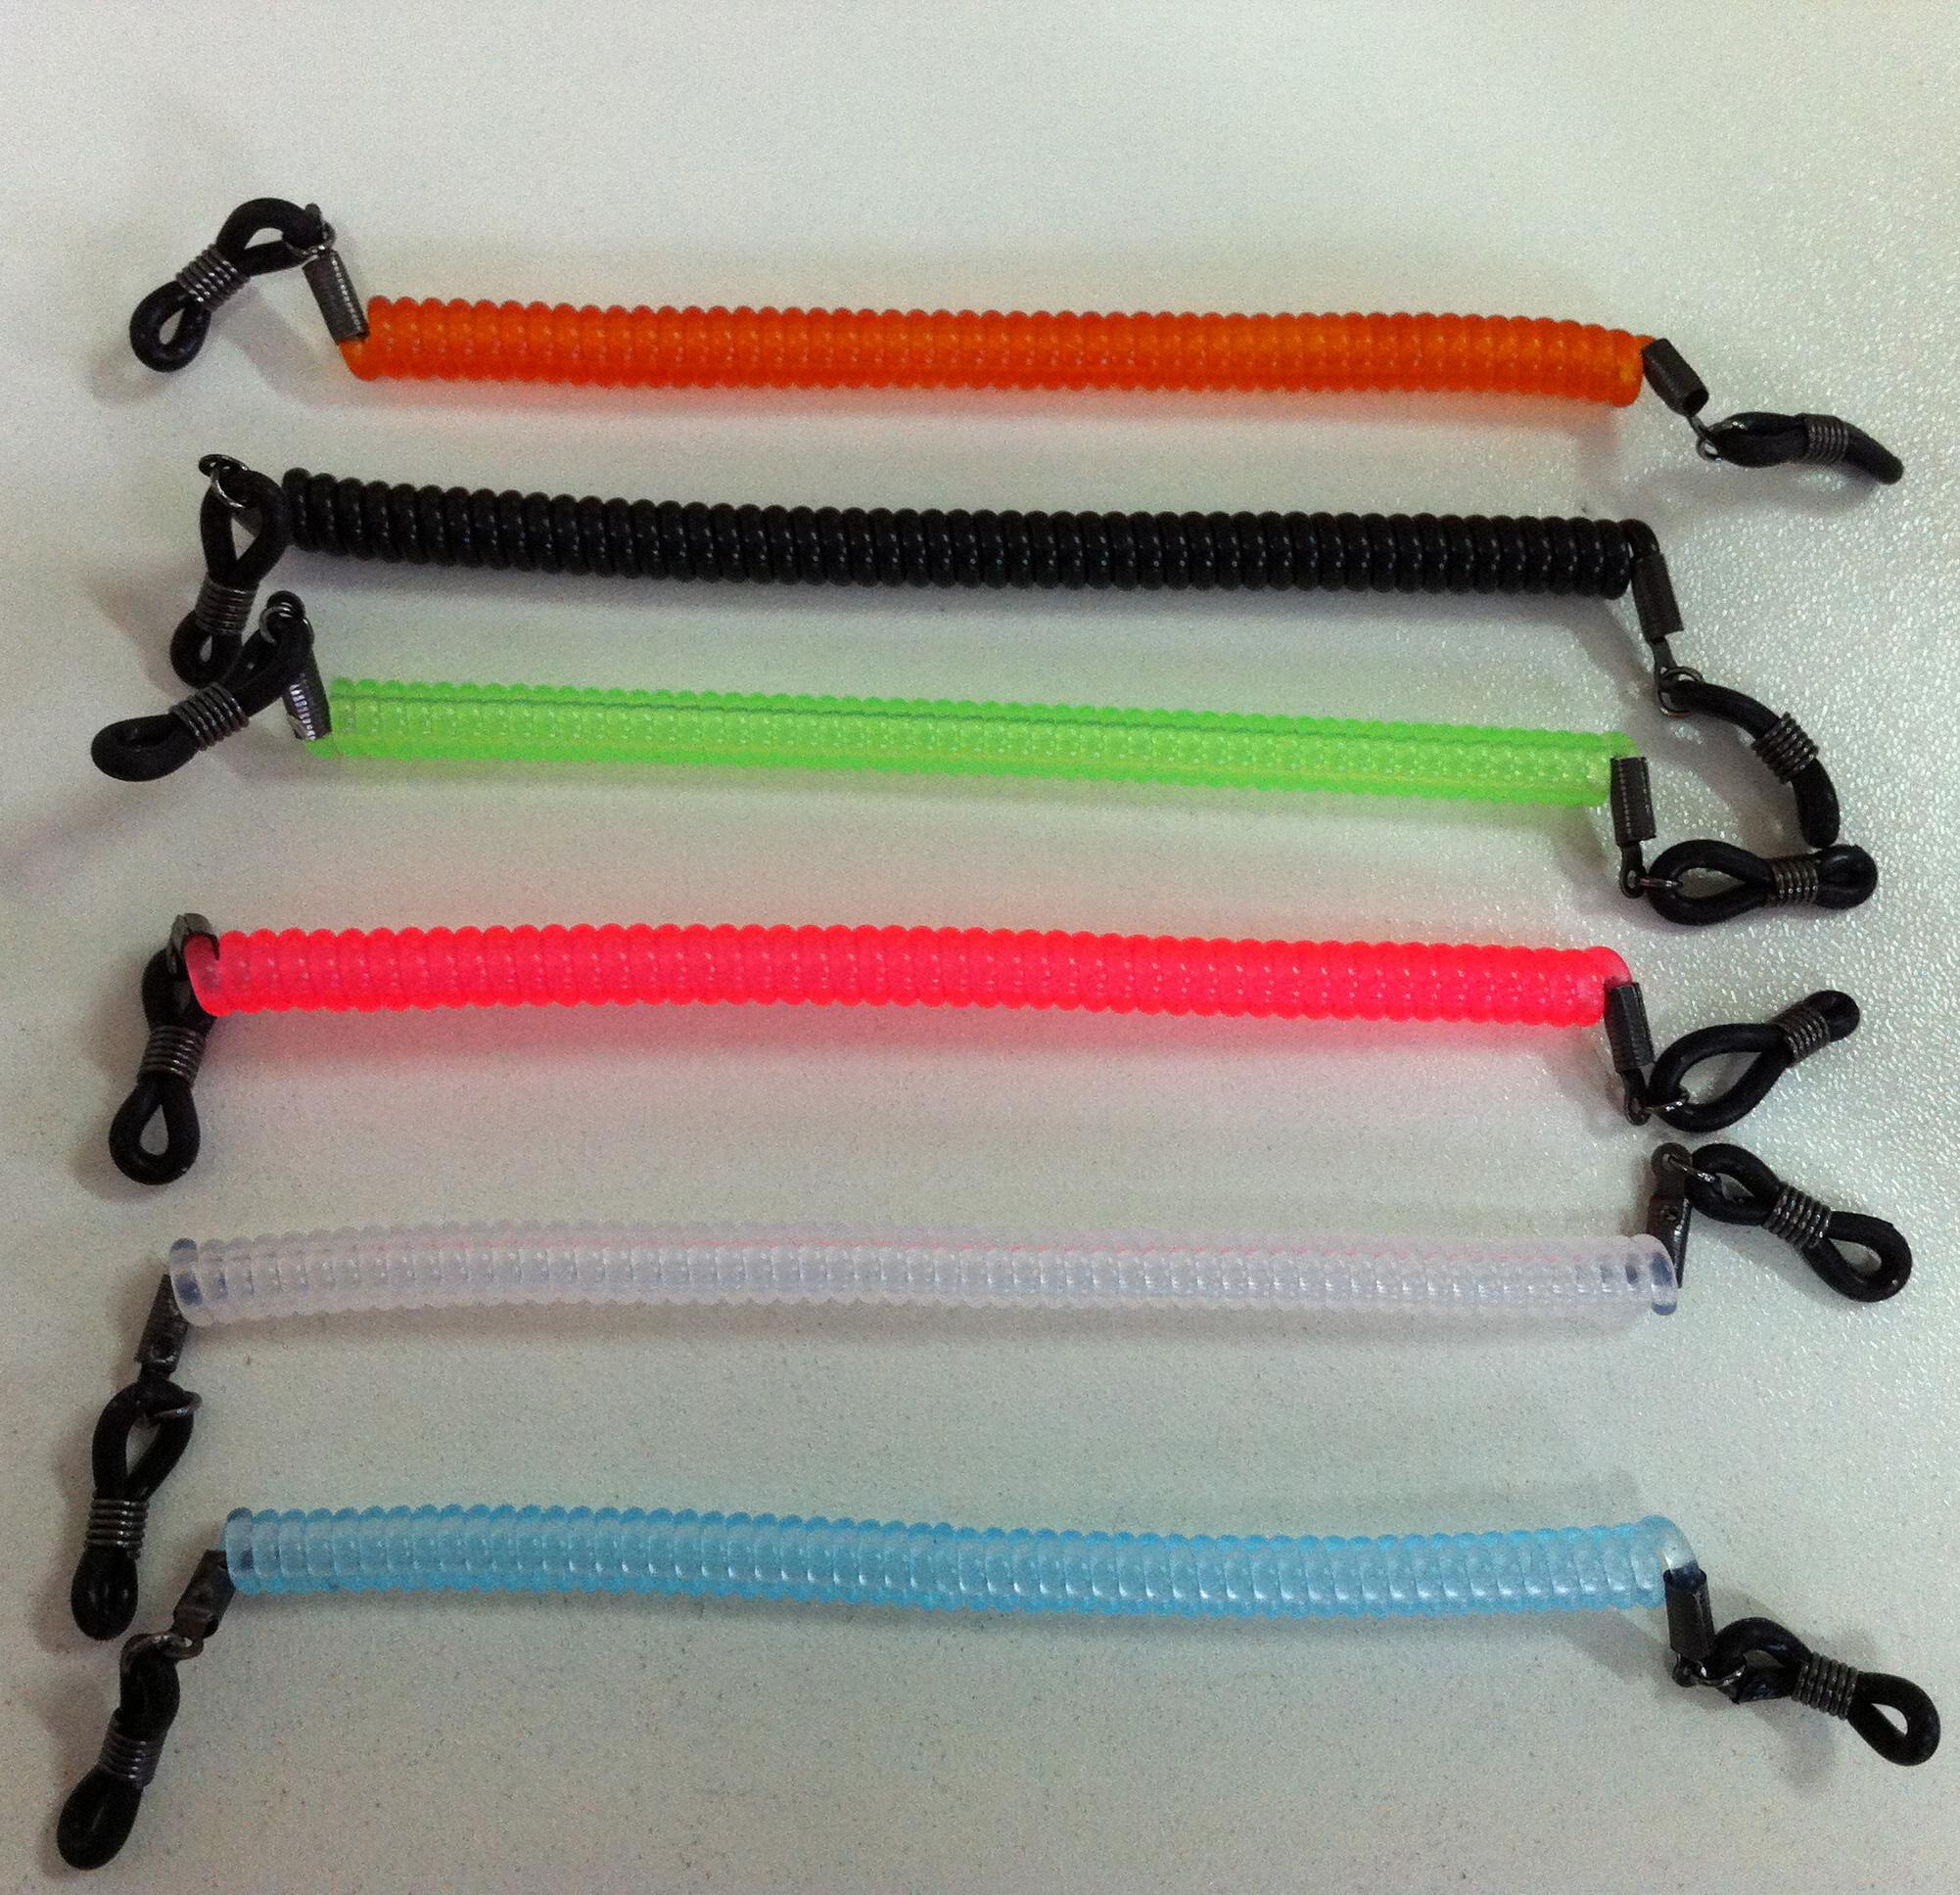 12 pçs / lote 6 cores misturadas crianças elásticas crianças óculos de óculos de óculos de óculos de nylon espiral cordas de bobina retentor de retenção faixa de esporte Lactars